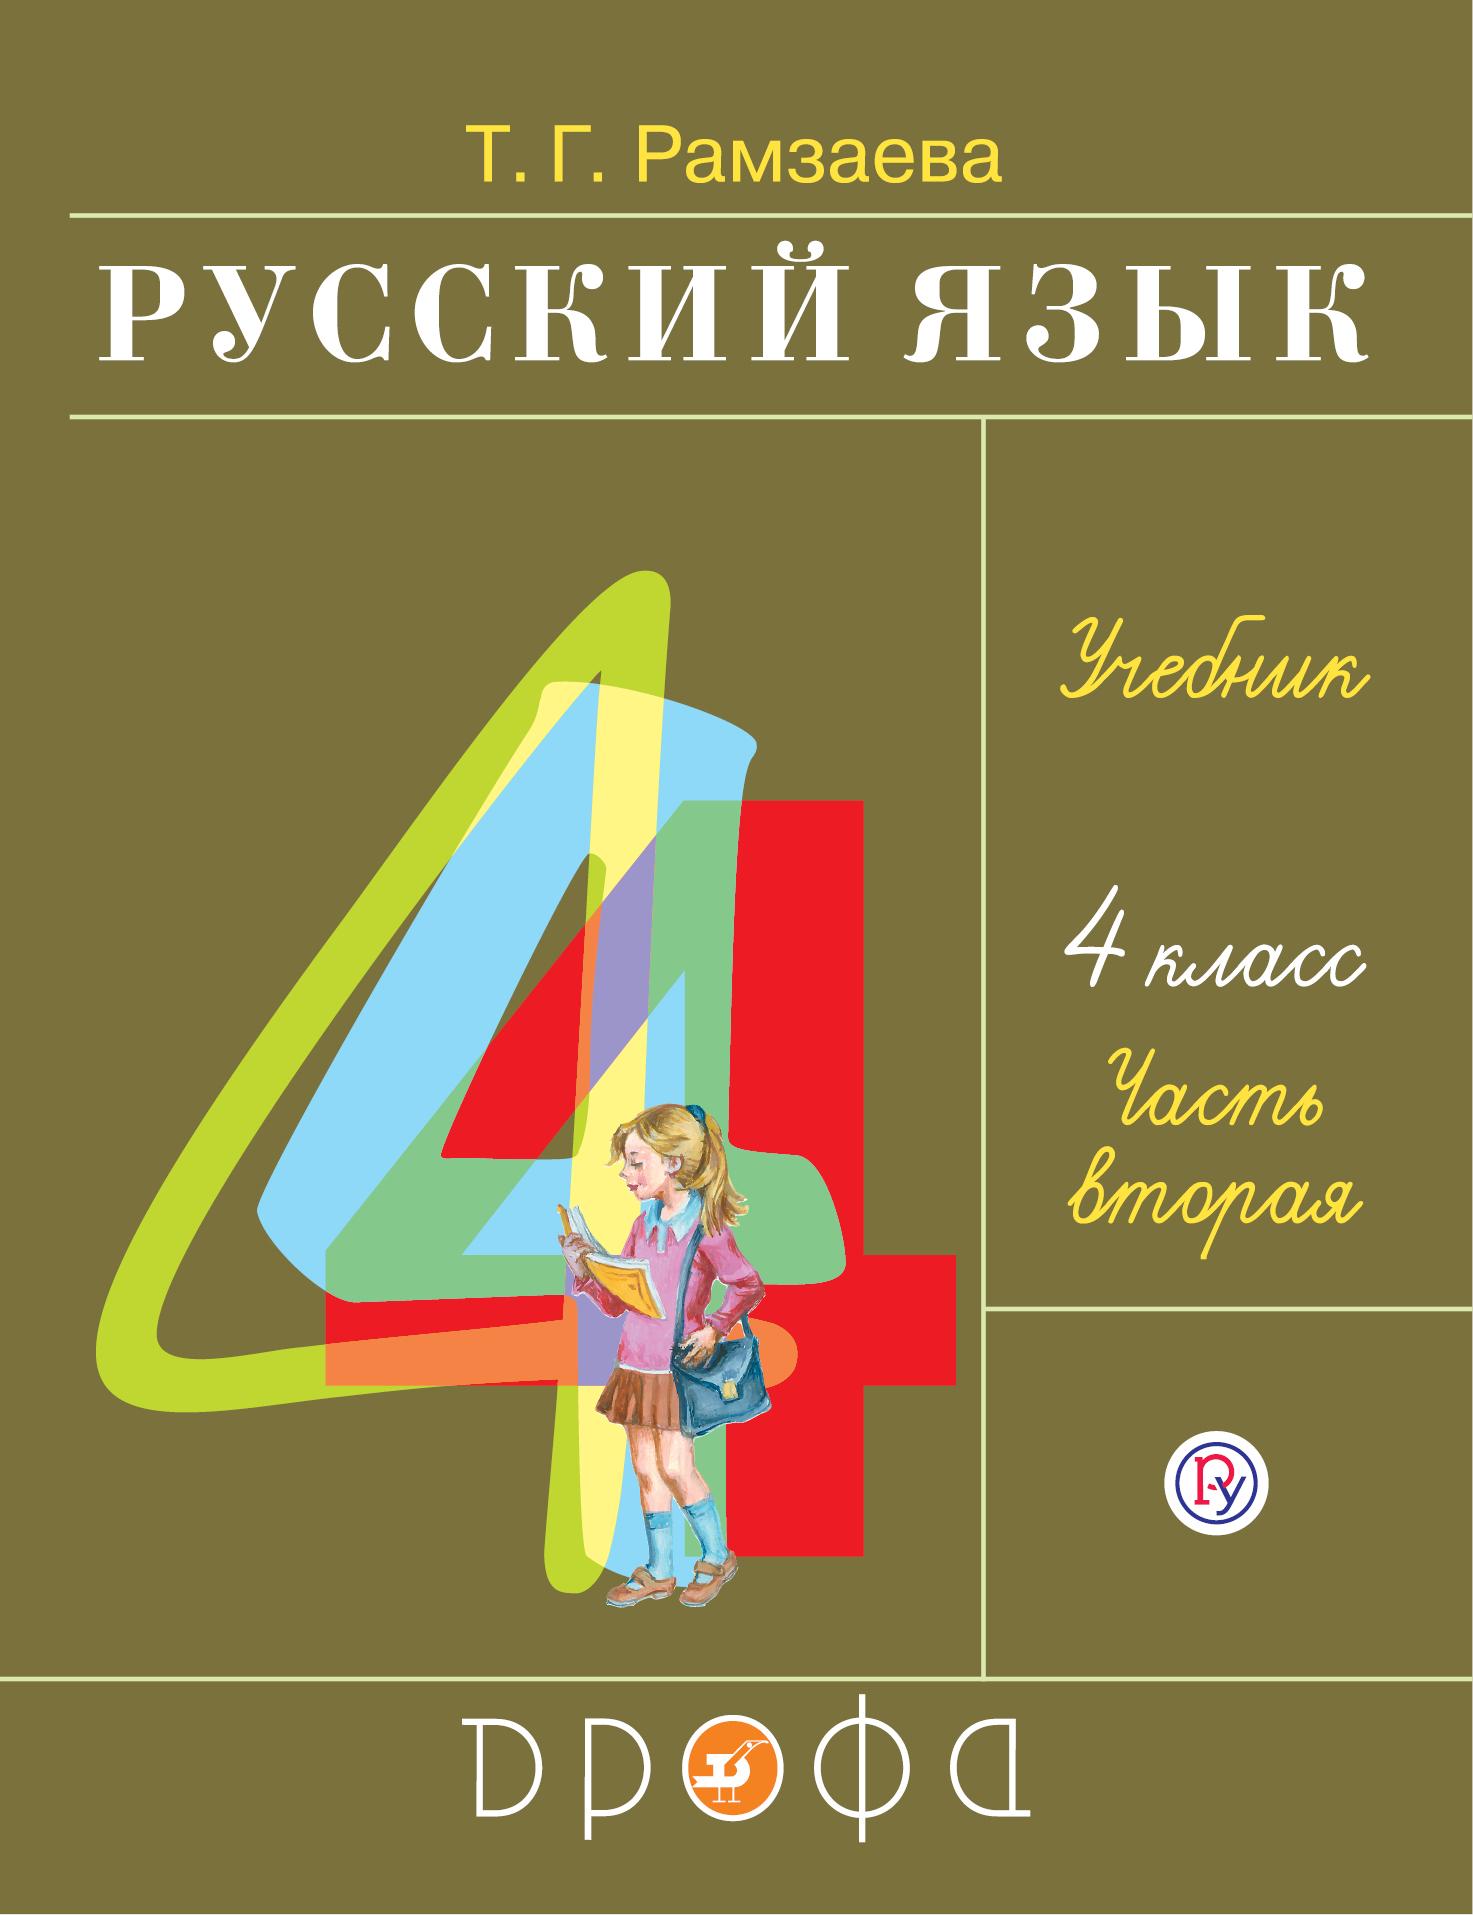 Рамзаева Т.Г. Русский язык. 4 класс. Учебник в 2-х частях. Ч. 2. стоимость